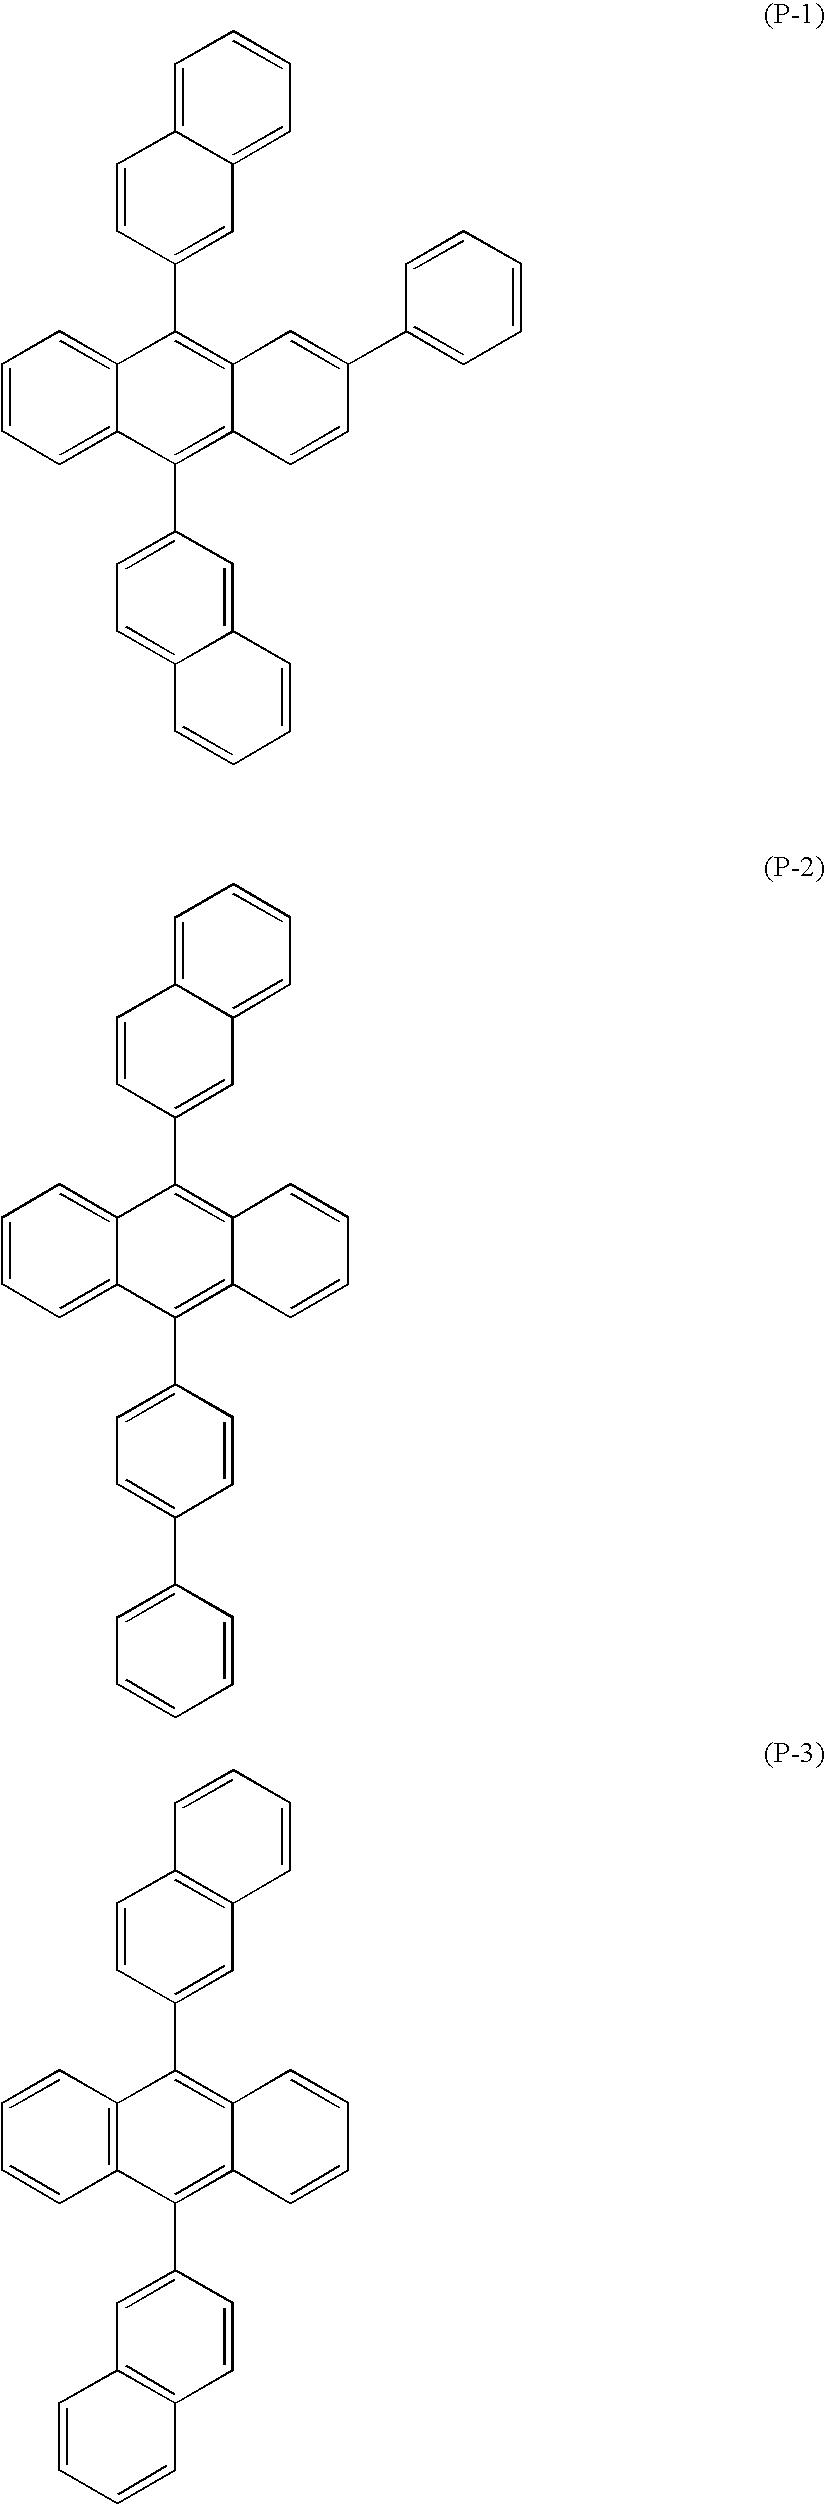 Figure US08129039-20120306-C00057